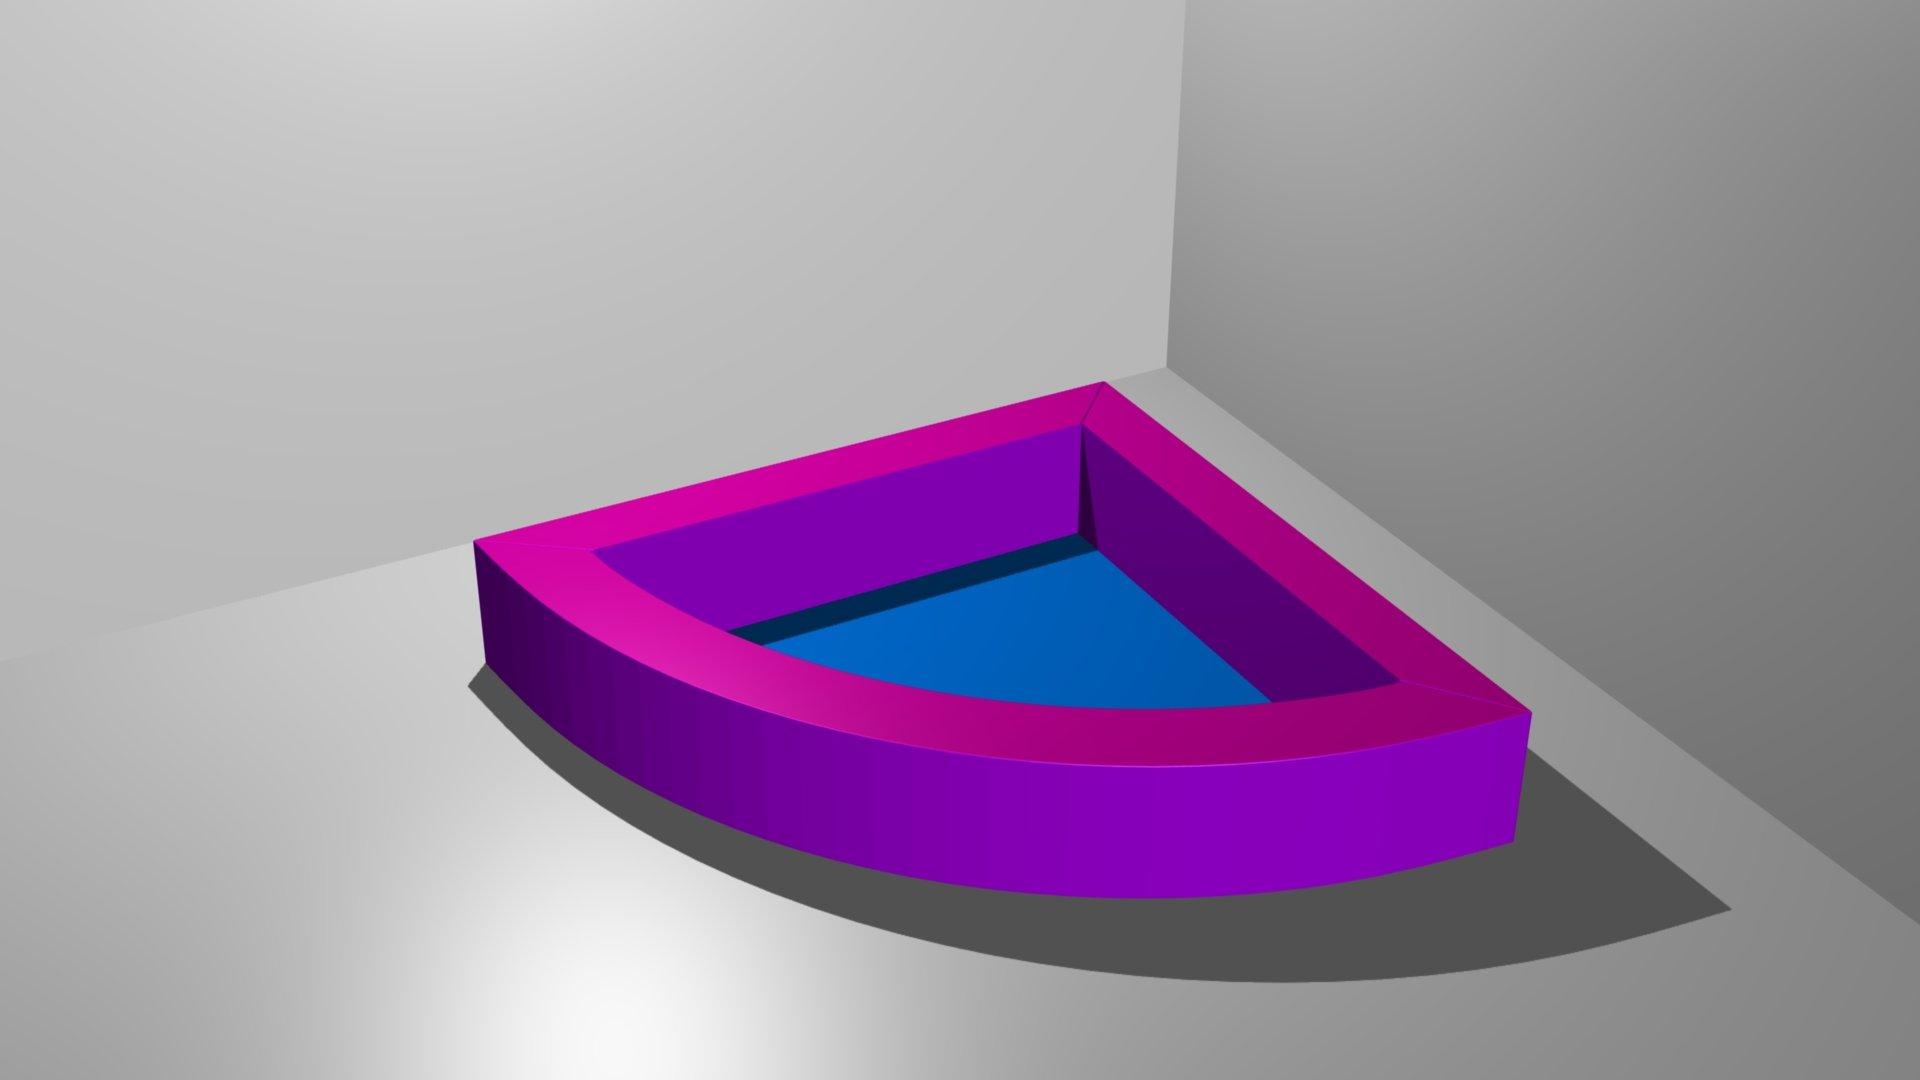 piscine a balle 1 4 cercle sans balles 150 x 150 x 35 cm tapis de fond 4 cm ref pb 1. Black Bedroom Furniture Sets. Home Design Ideas